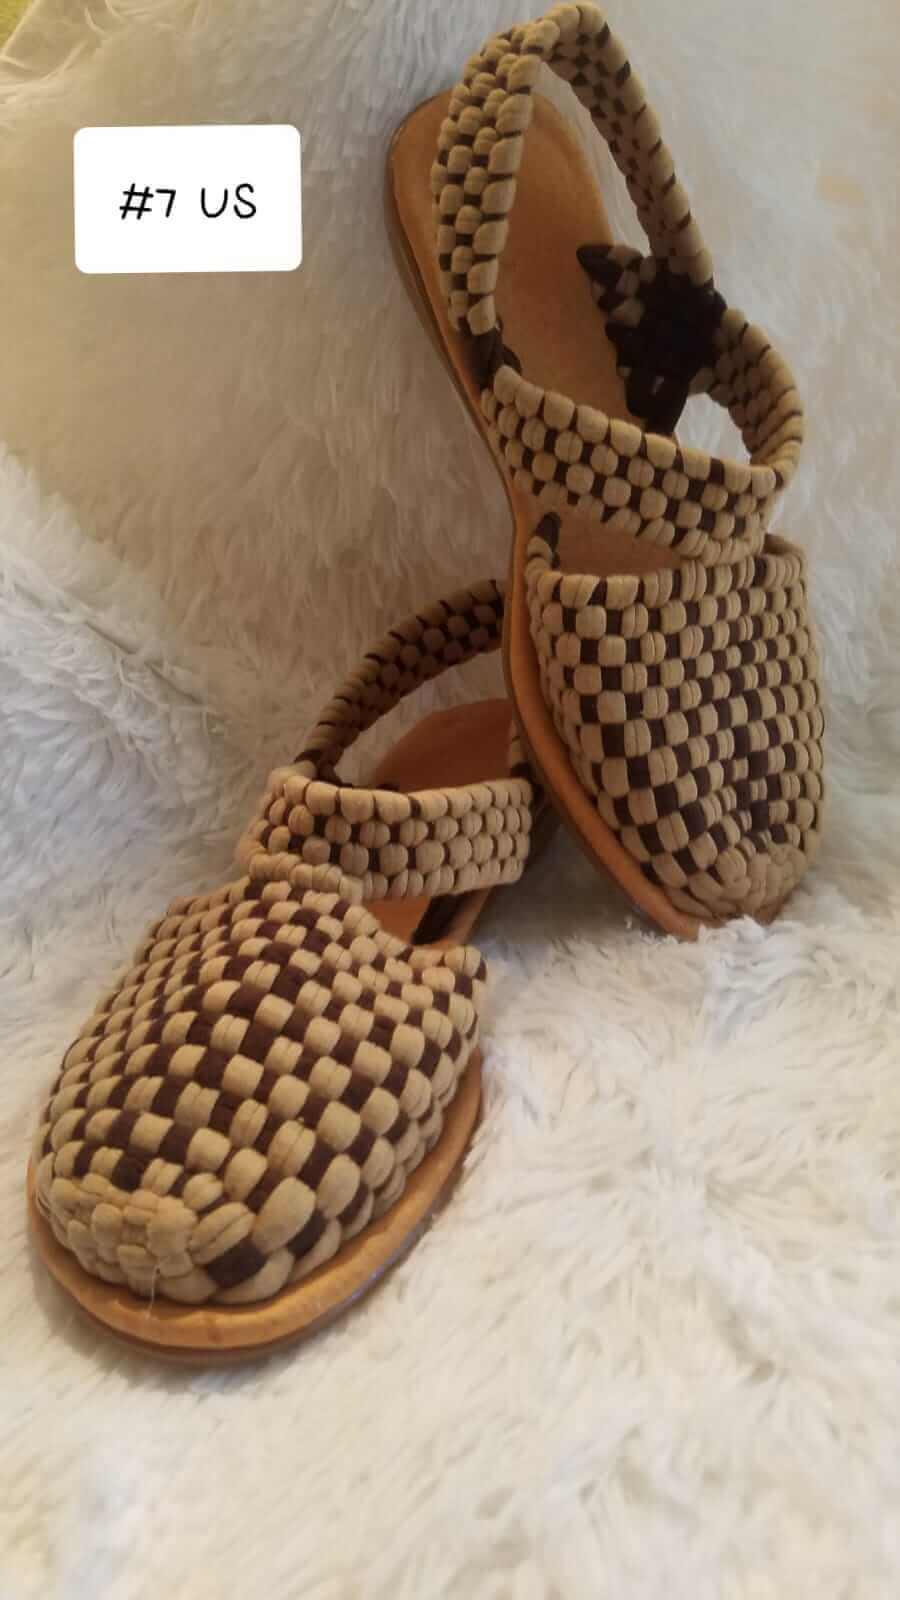 Sandalias Mujer De Sandals Mexican Woven TejidasHandmade 4ALj53R